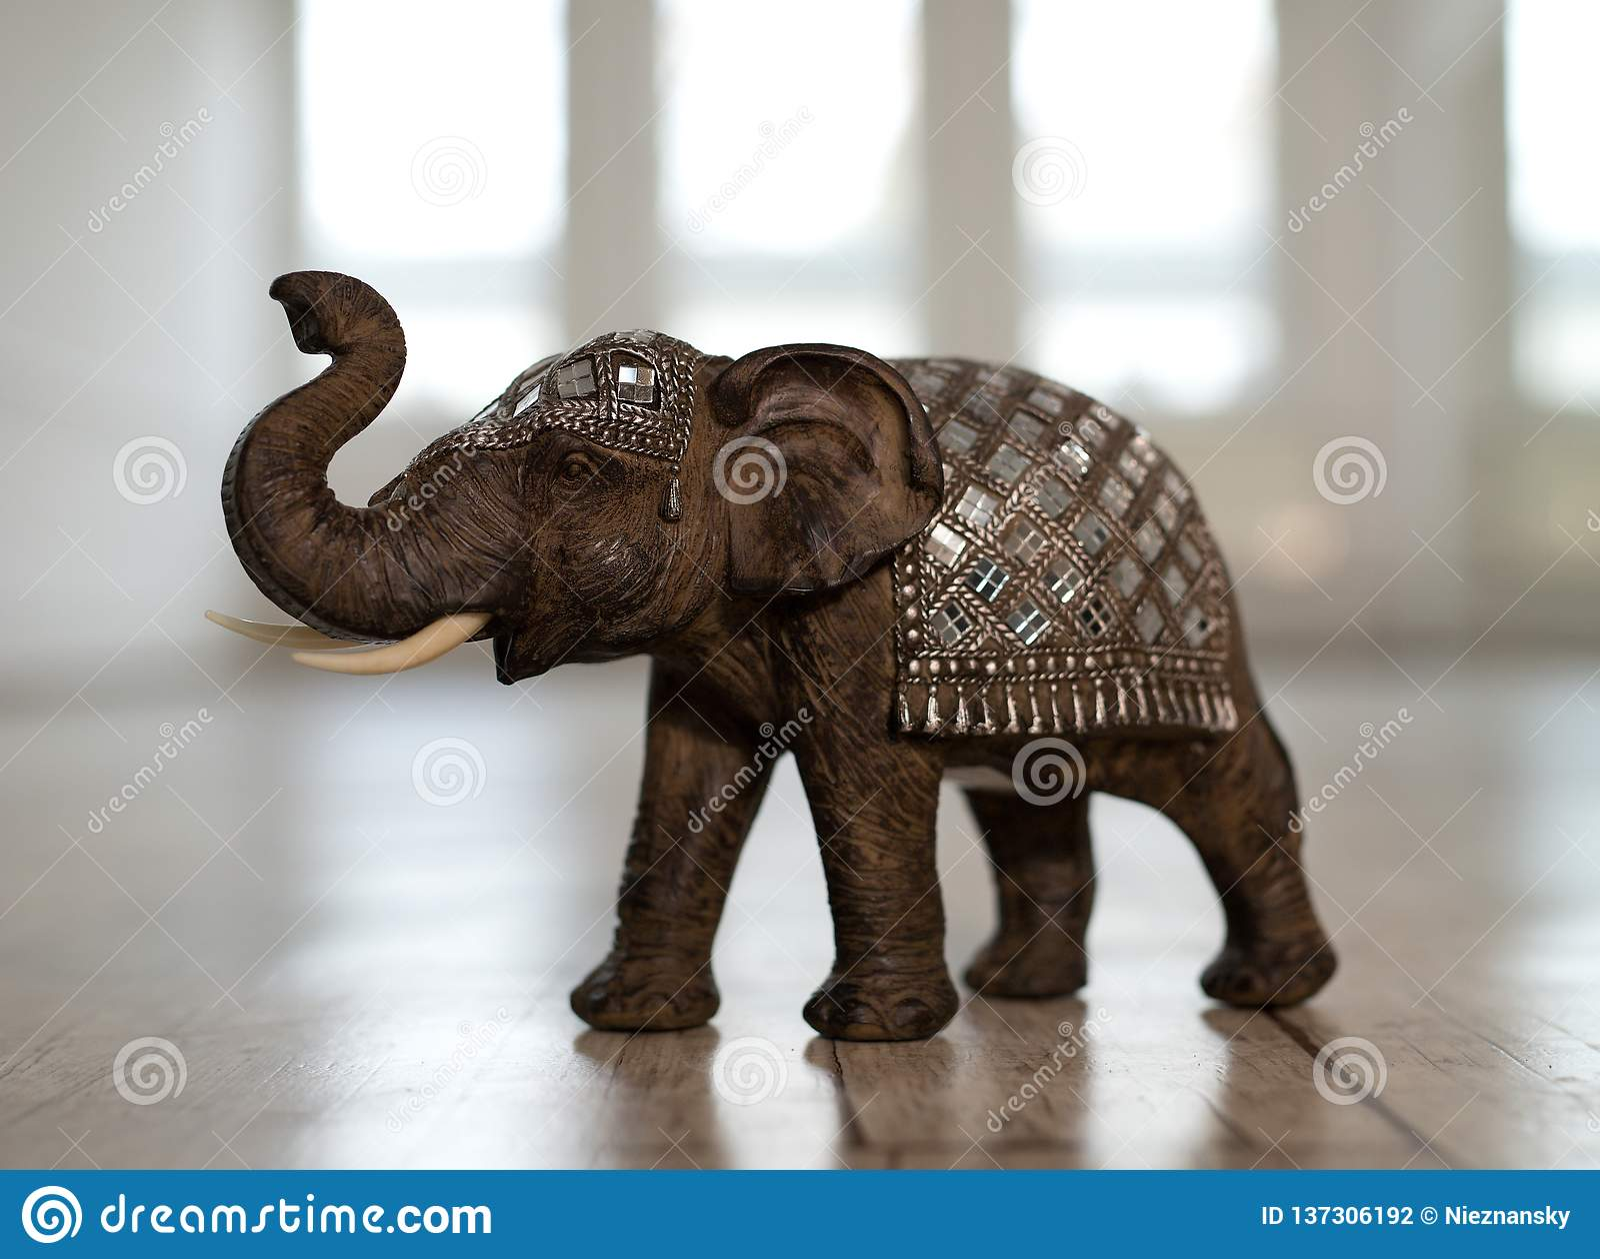 Миниатюра индийского слона